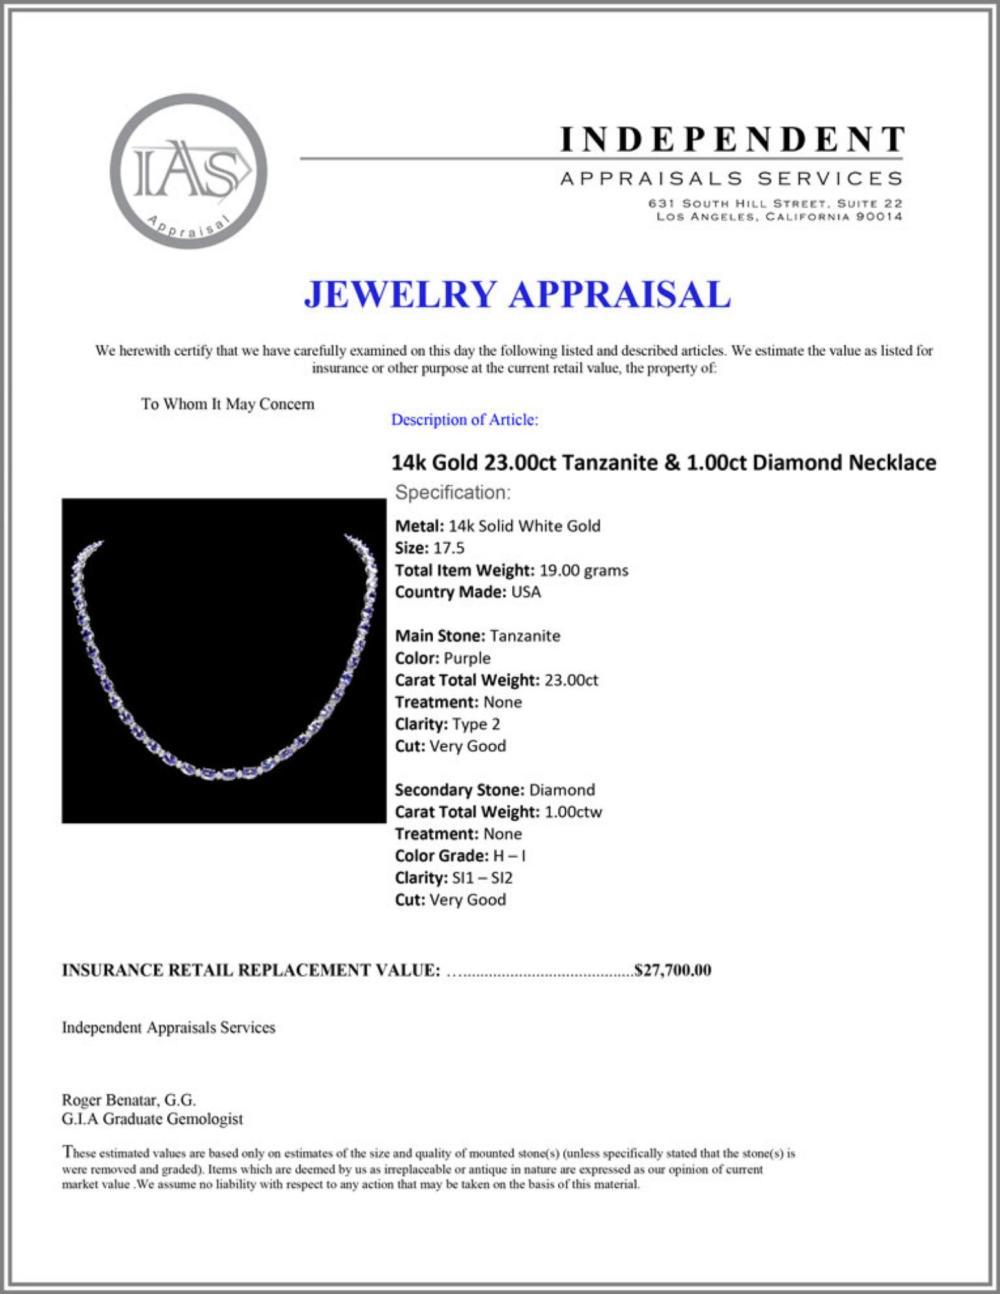 Lot 88: `14k Gold 23.00ct Tanzanite & 1.00ct Diamond Neckl